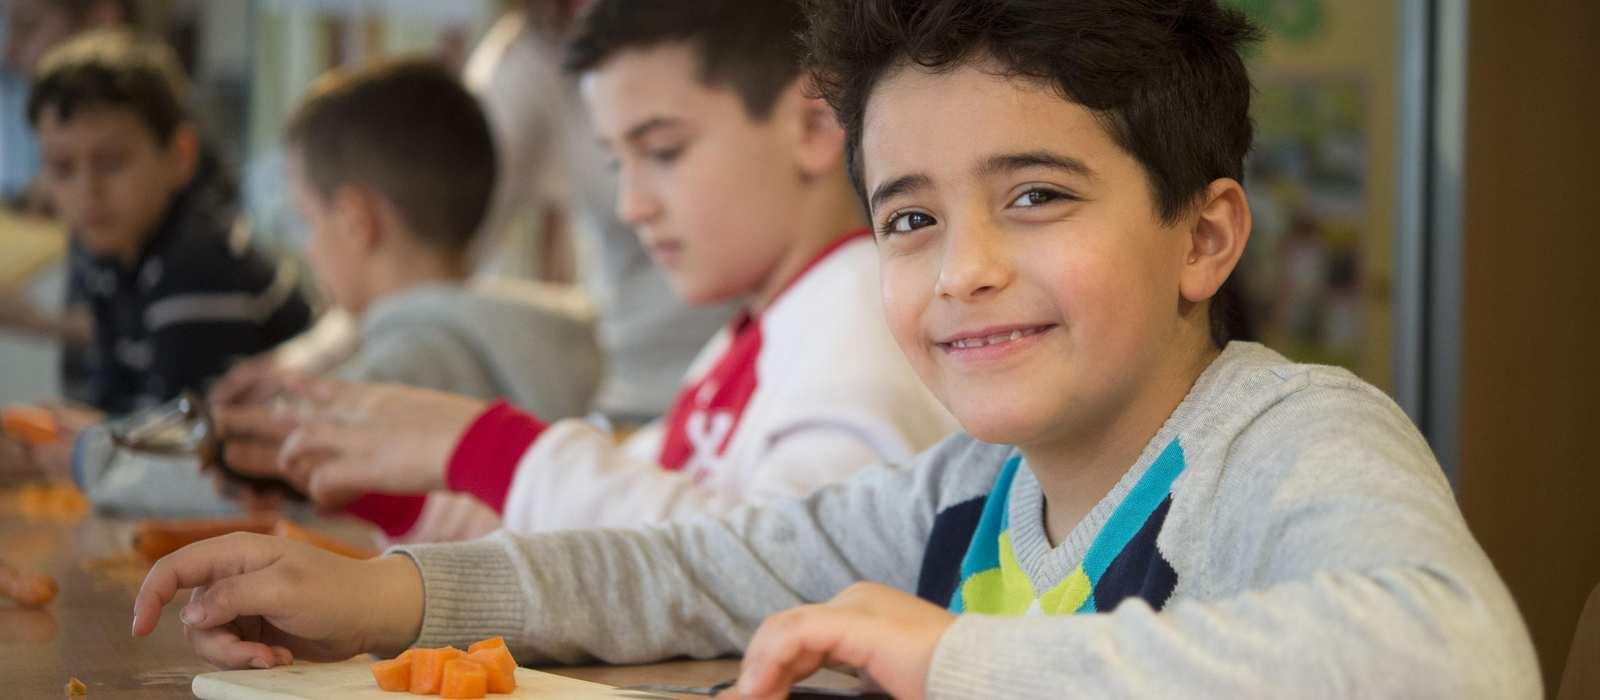 Einige Kinder, die am Tisch sitzen und Gemüse schneiden